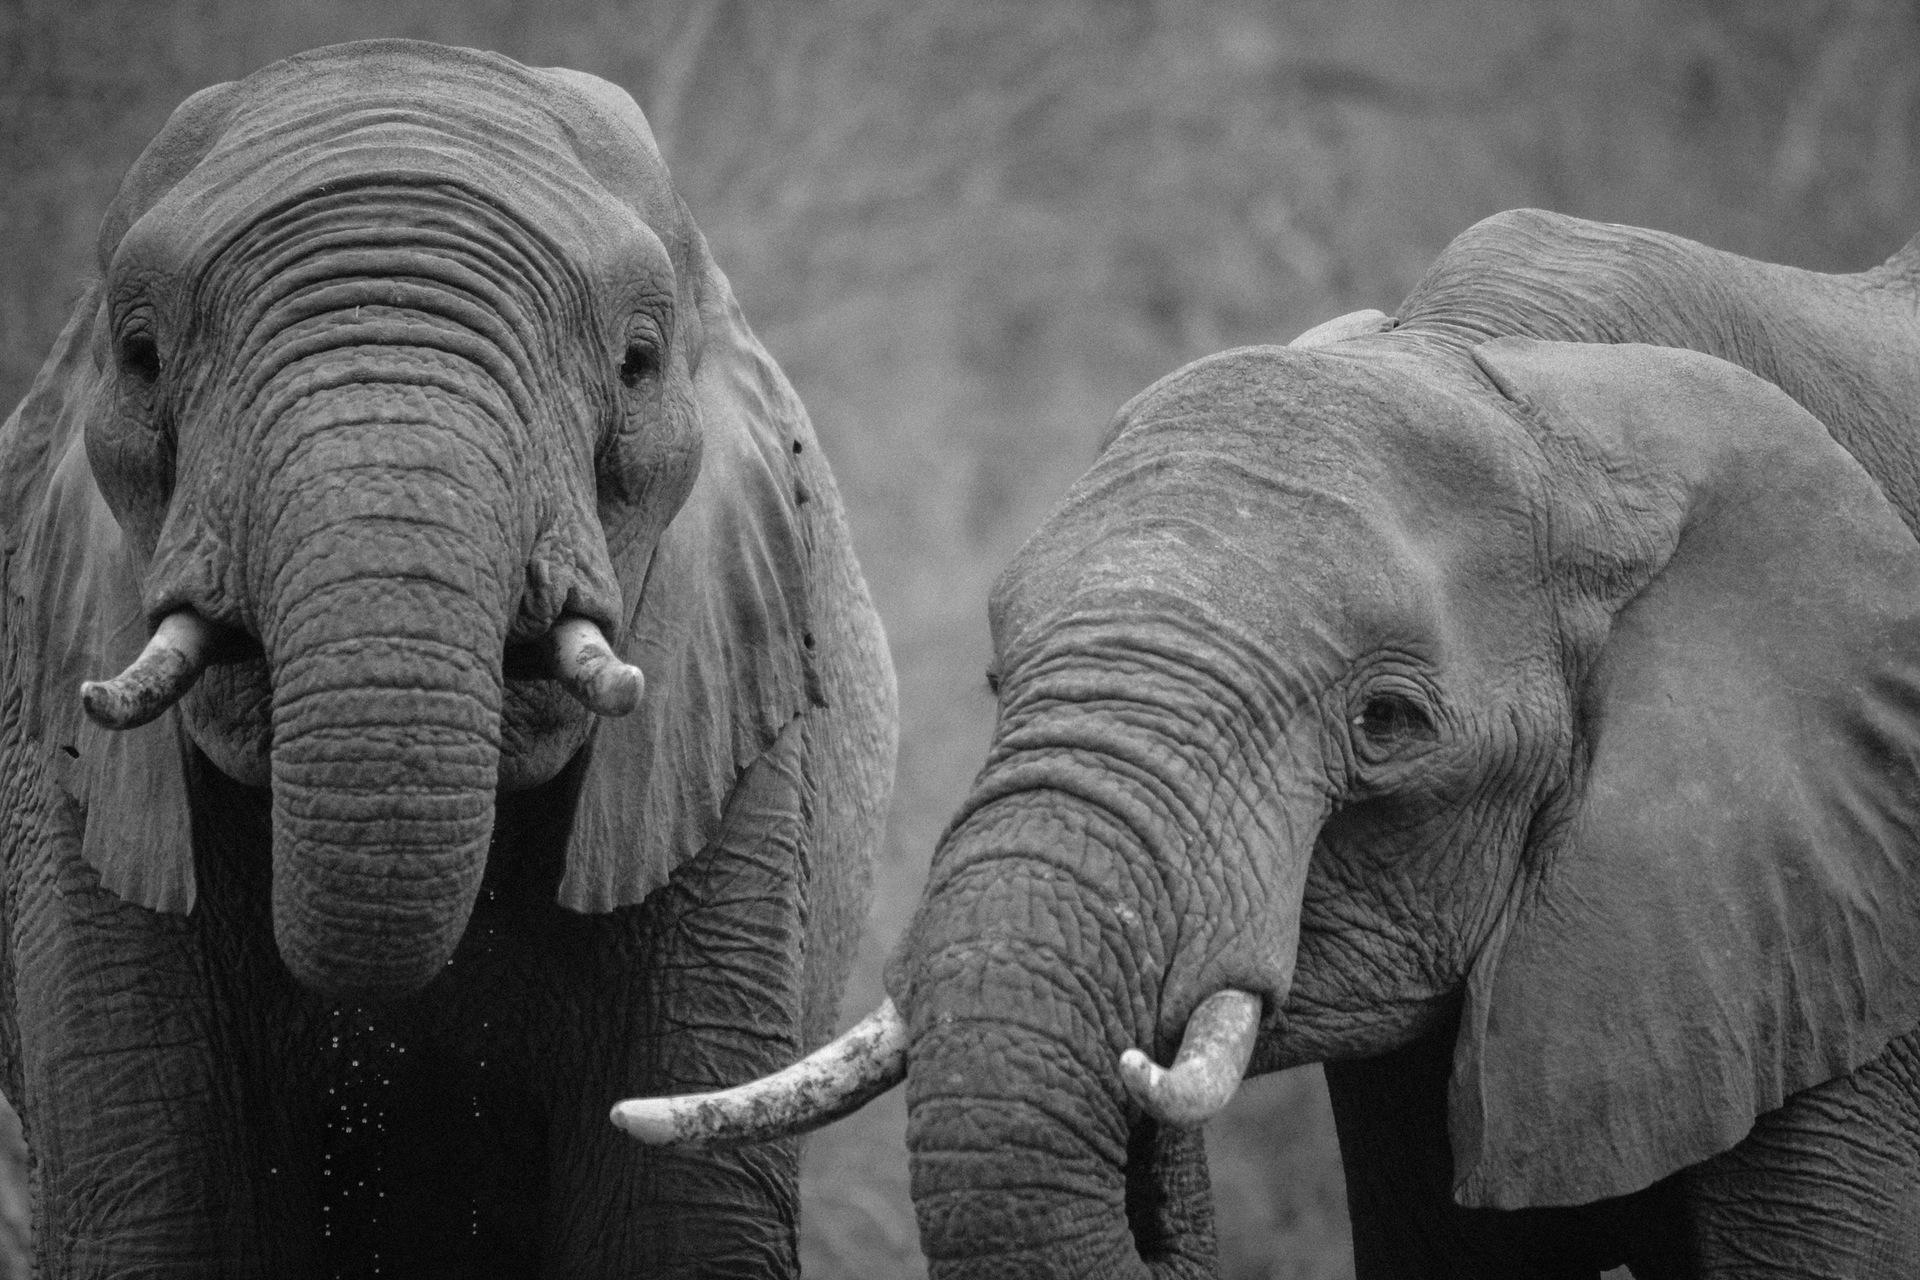 象, カップル, サファリ, アフリカ, 黒と白の - HD の壁紙 - 教授-falken.com